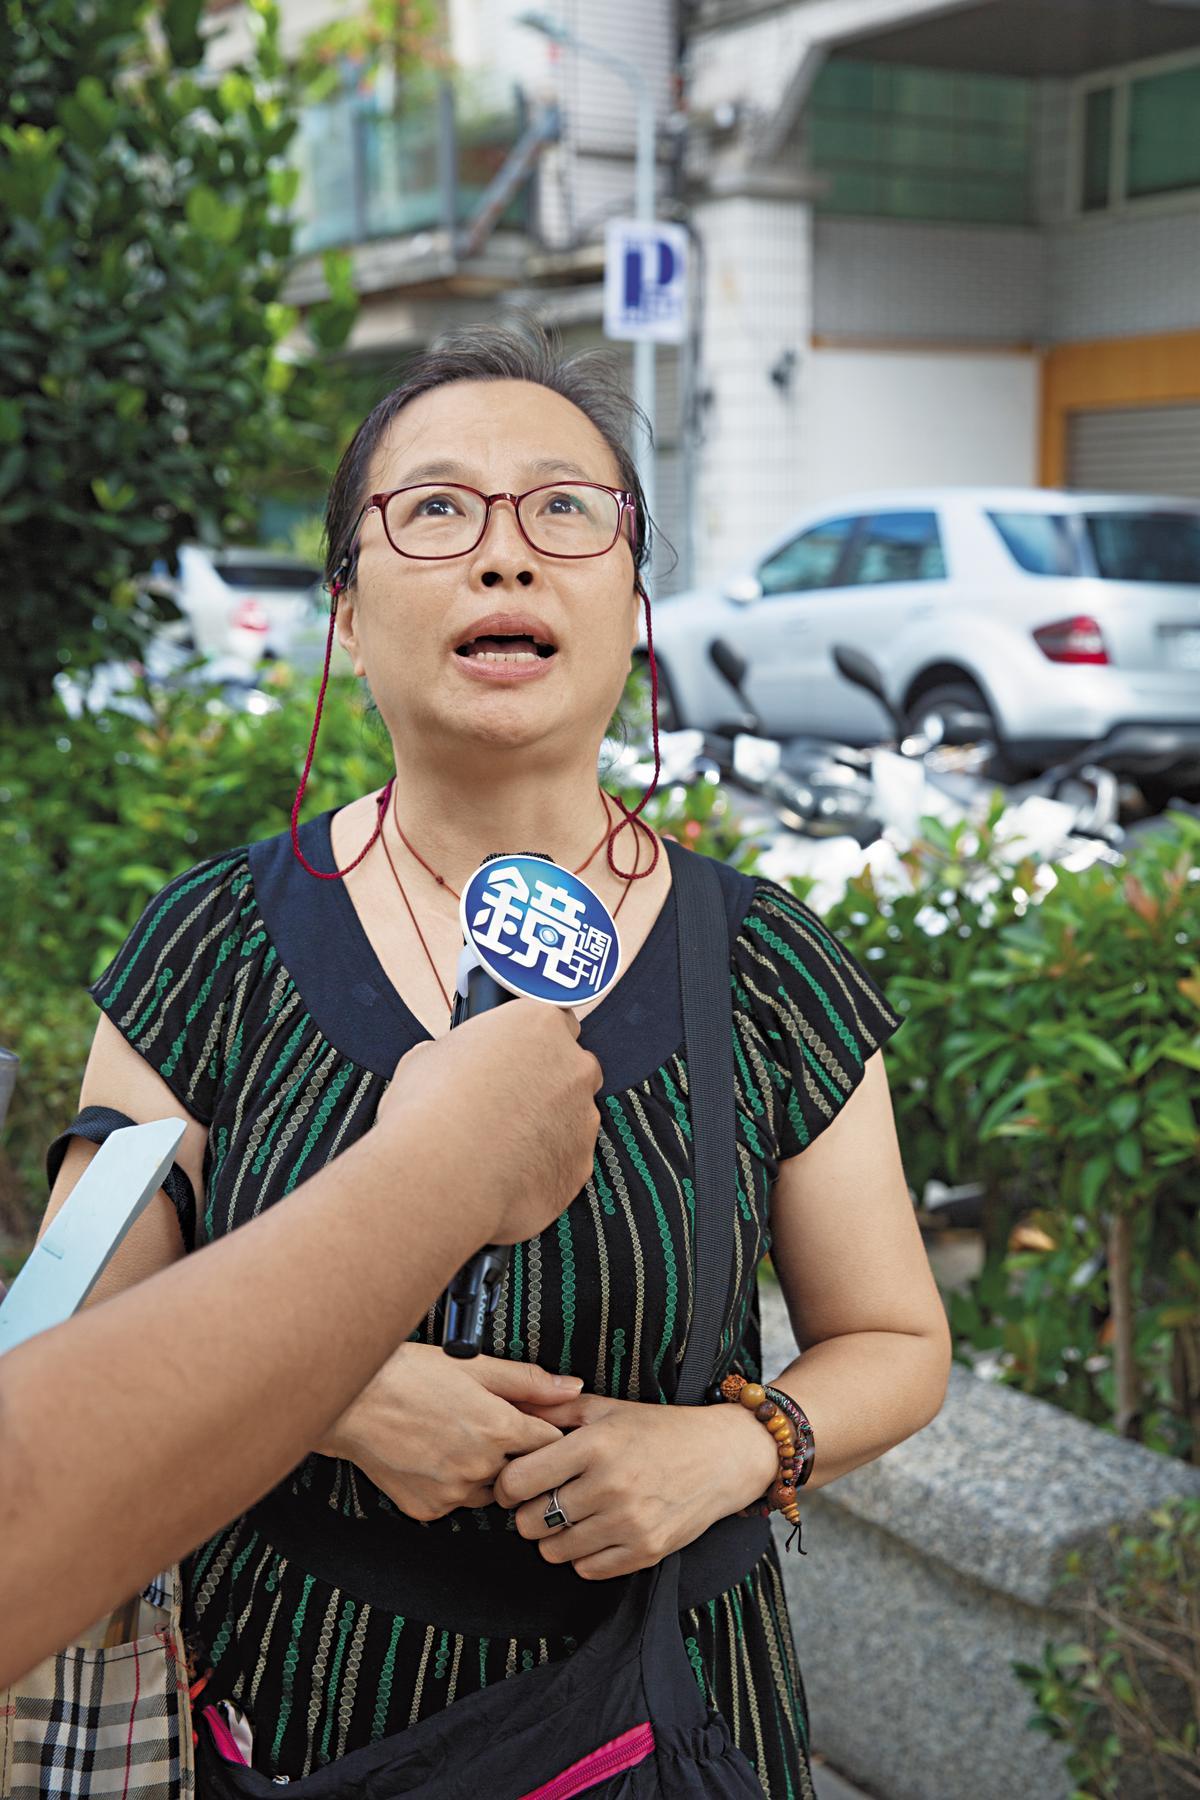 58歲劉女士表示,真的讓我很驚訝,這棟建物有賣場,也有客家活動中心,很令人擔心!希望市府想辦法改善,讓大家有個安全的生活空間。